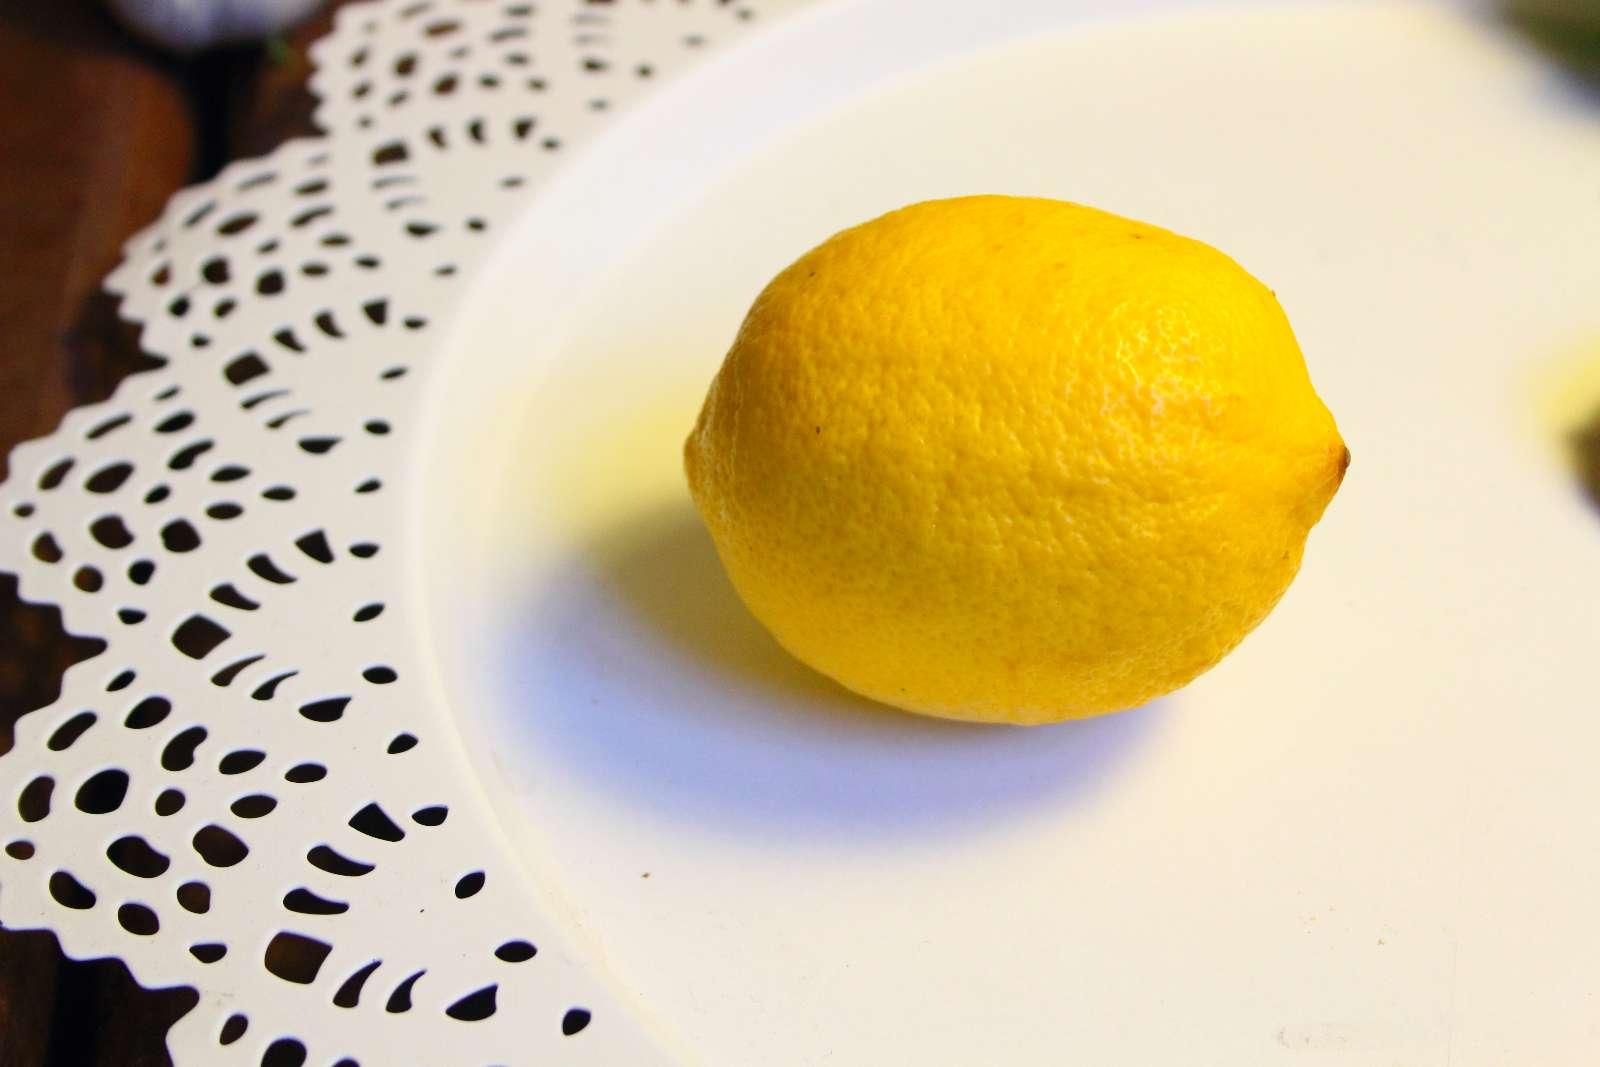 Zitronensaft vervollständigt das Geschmackserlebnis mit den Linsen